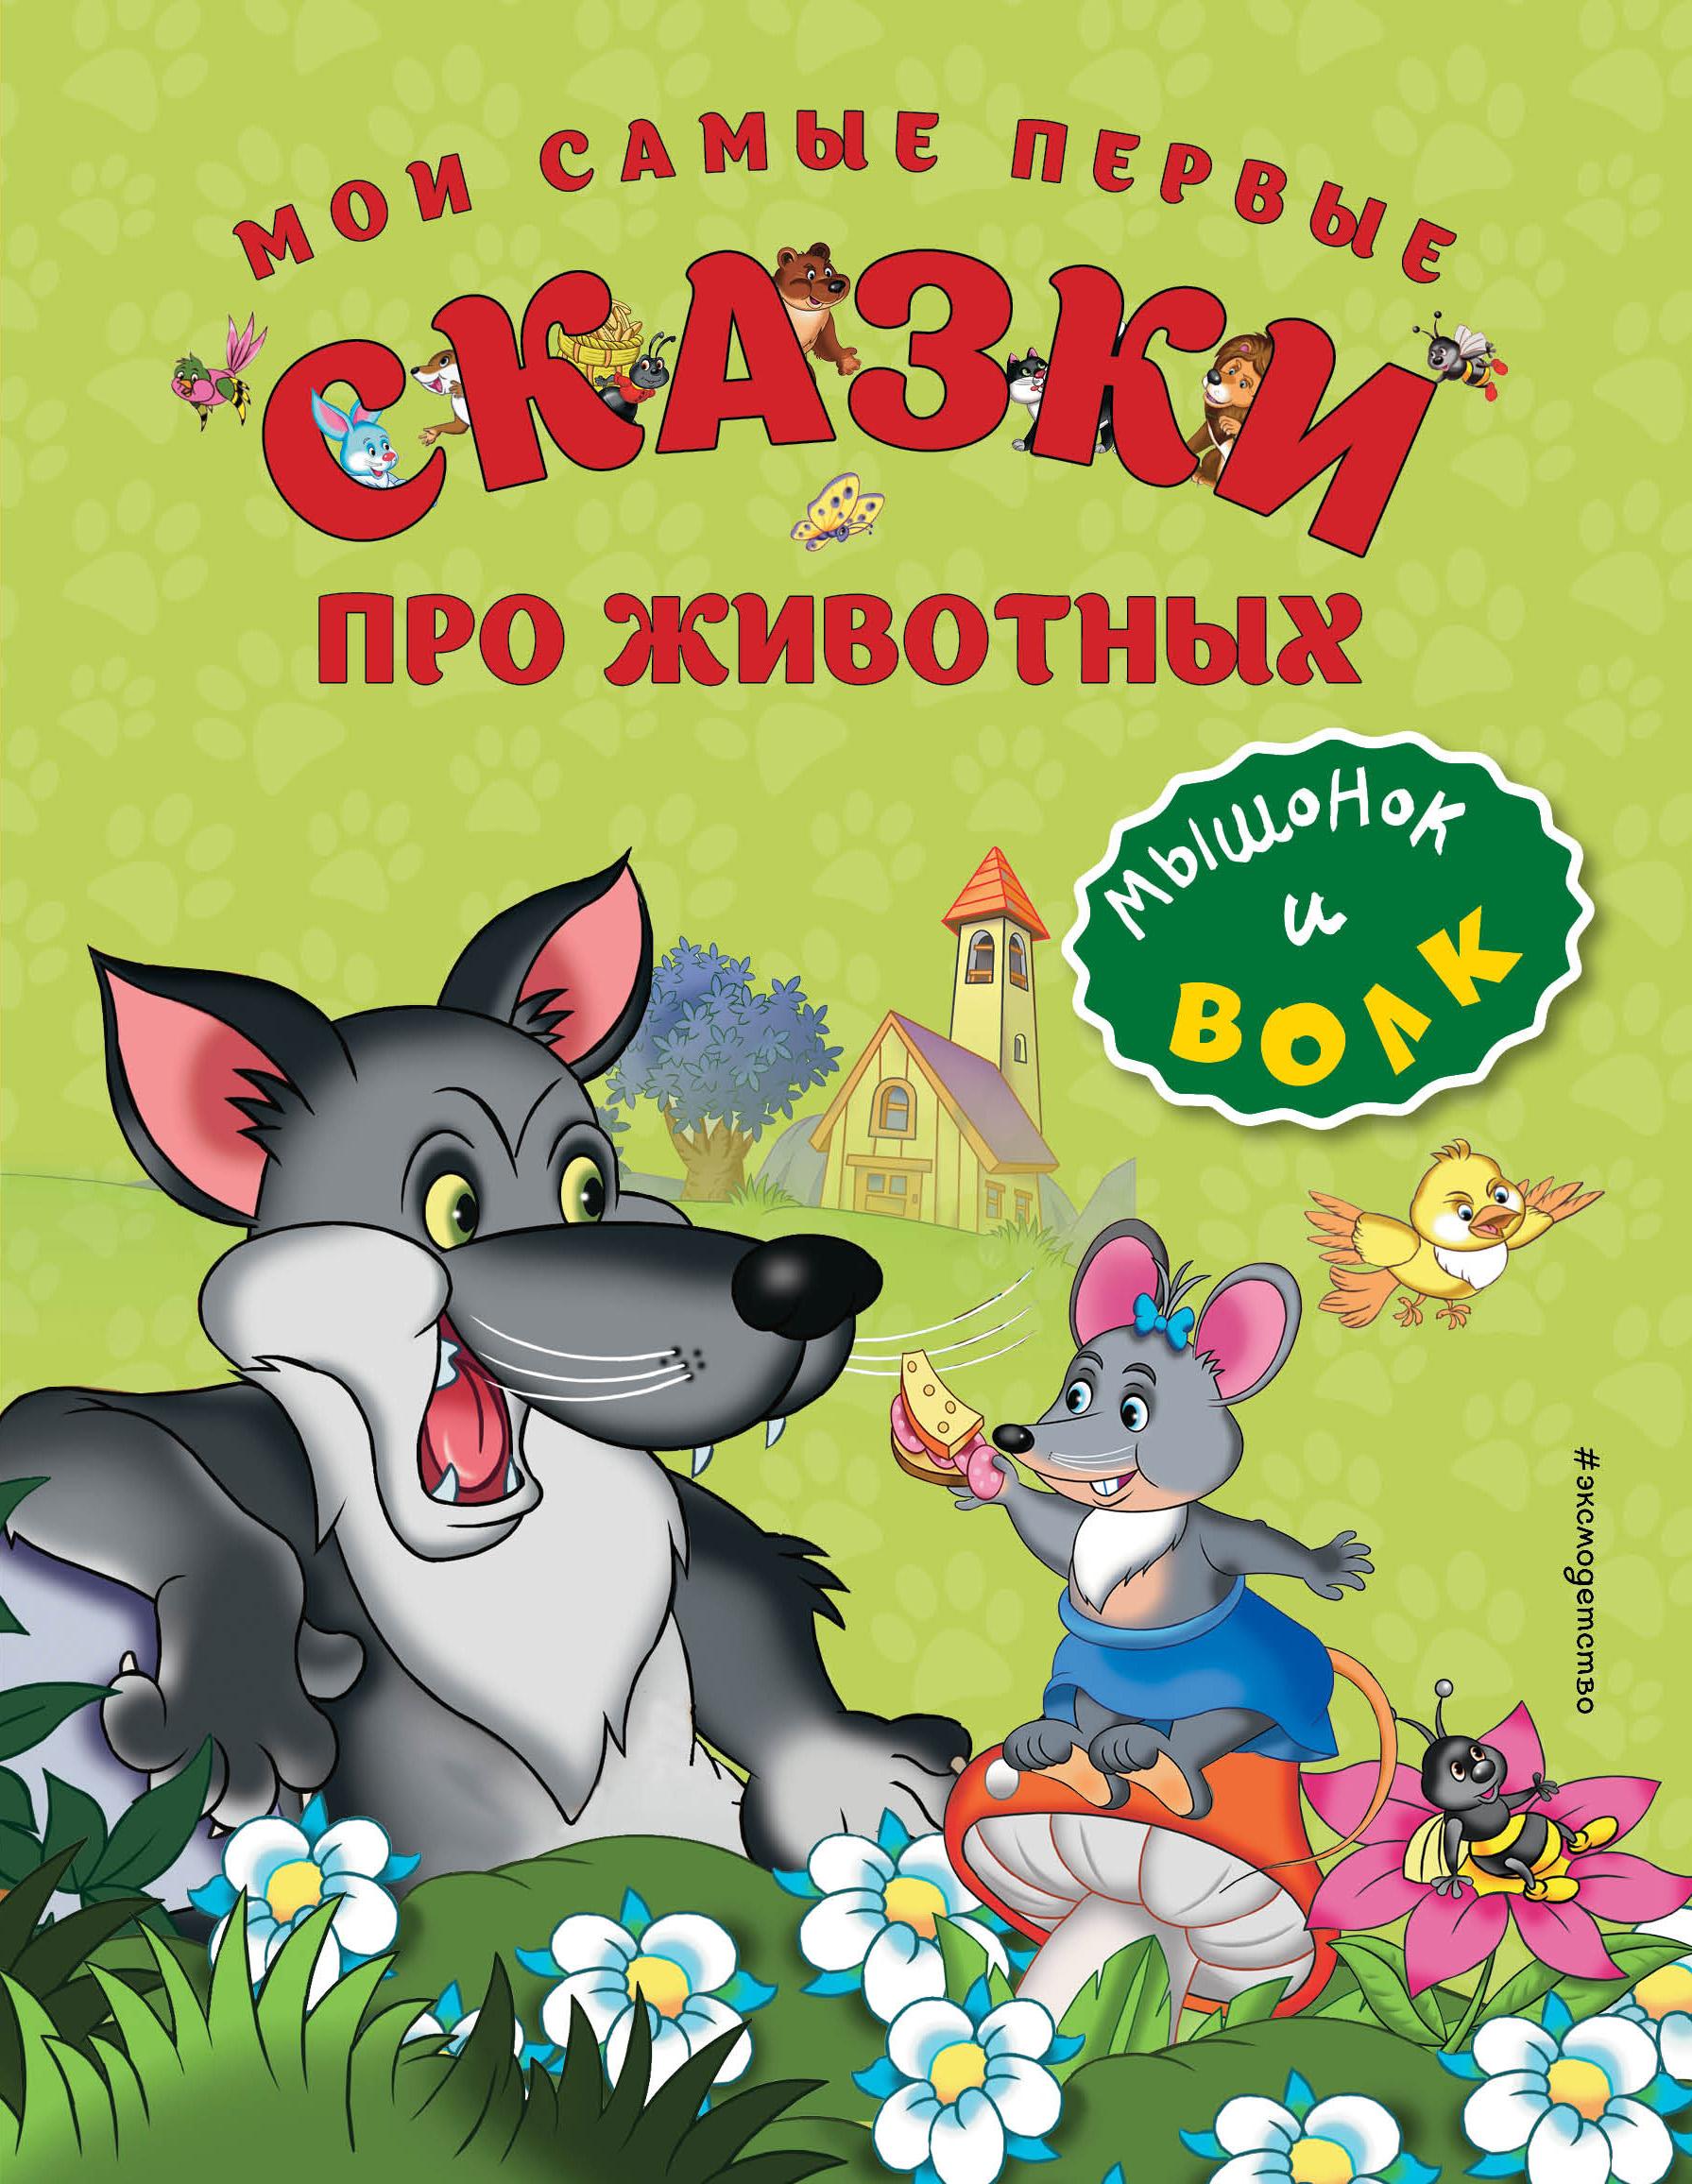 Картинки из детских книг про животных, открытку фото